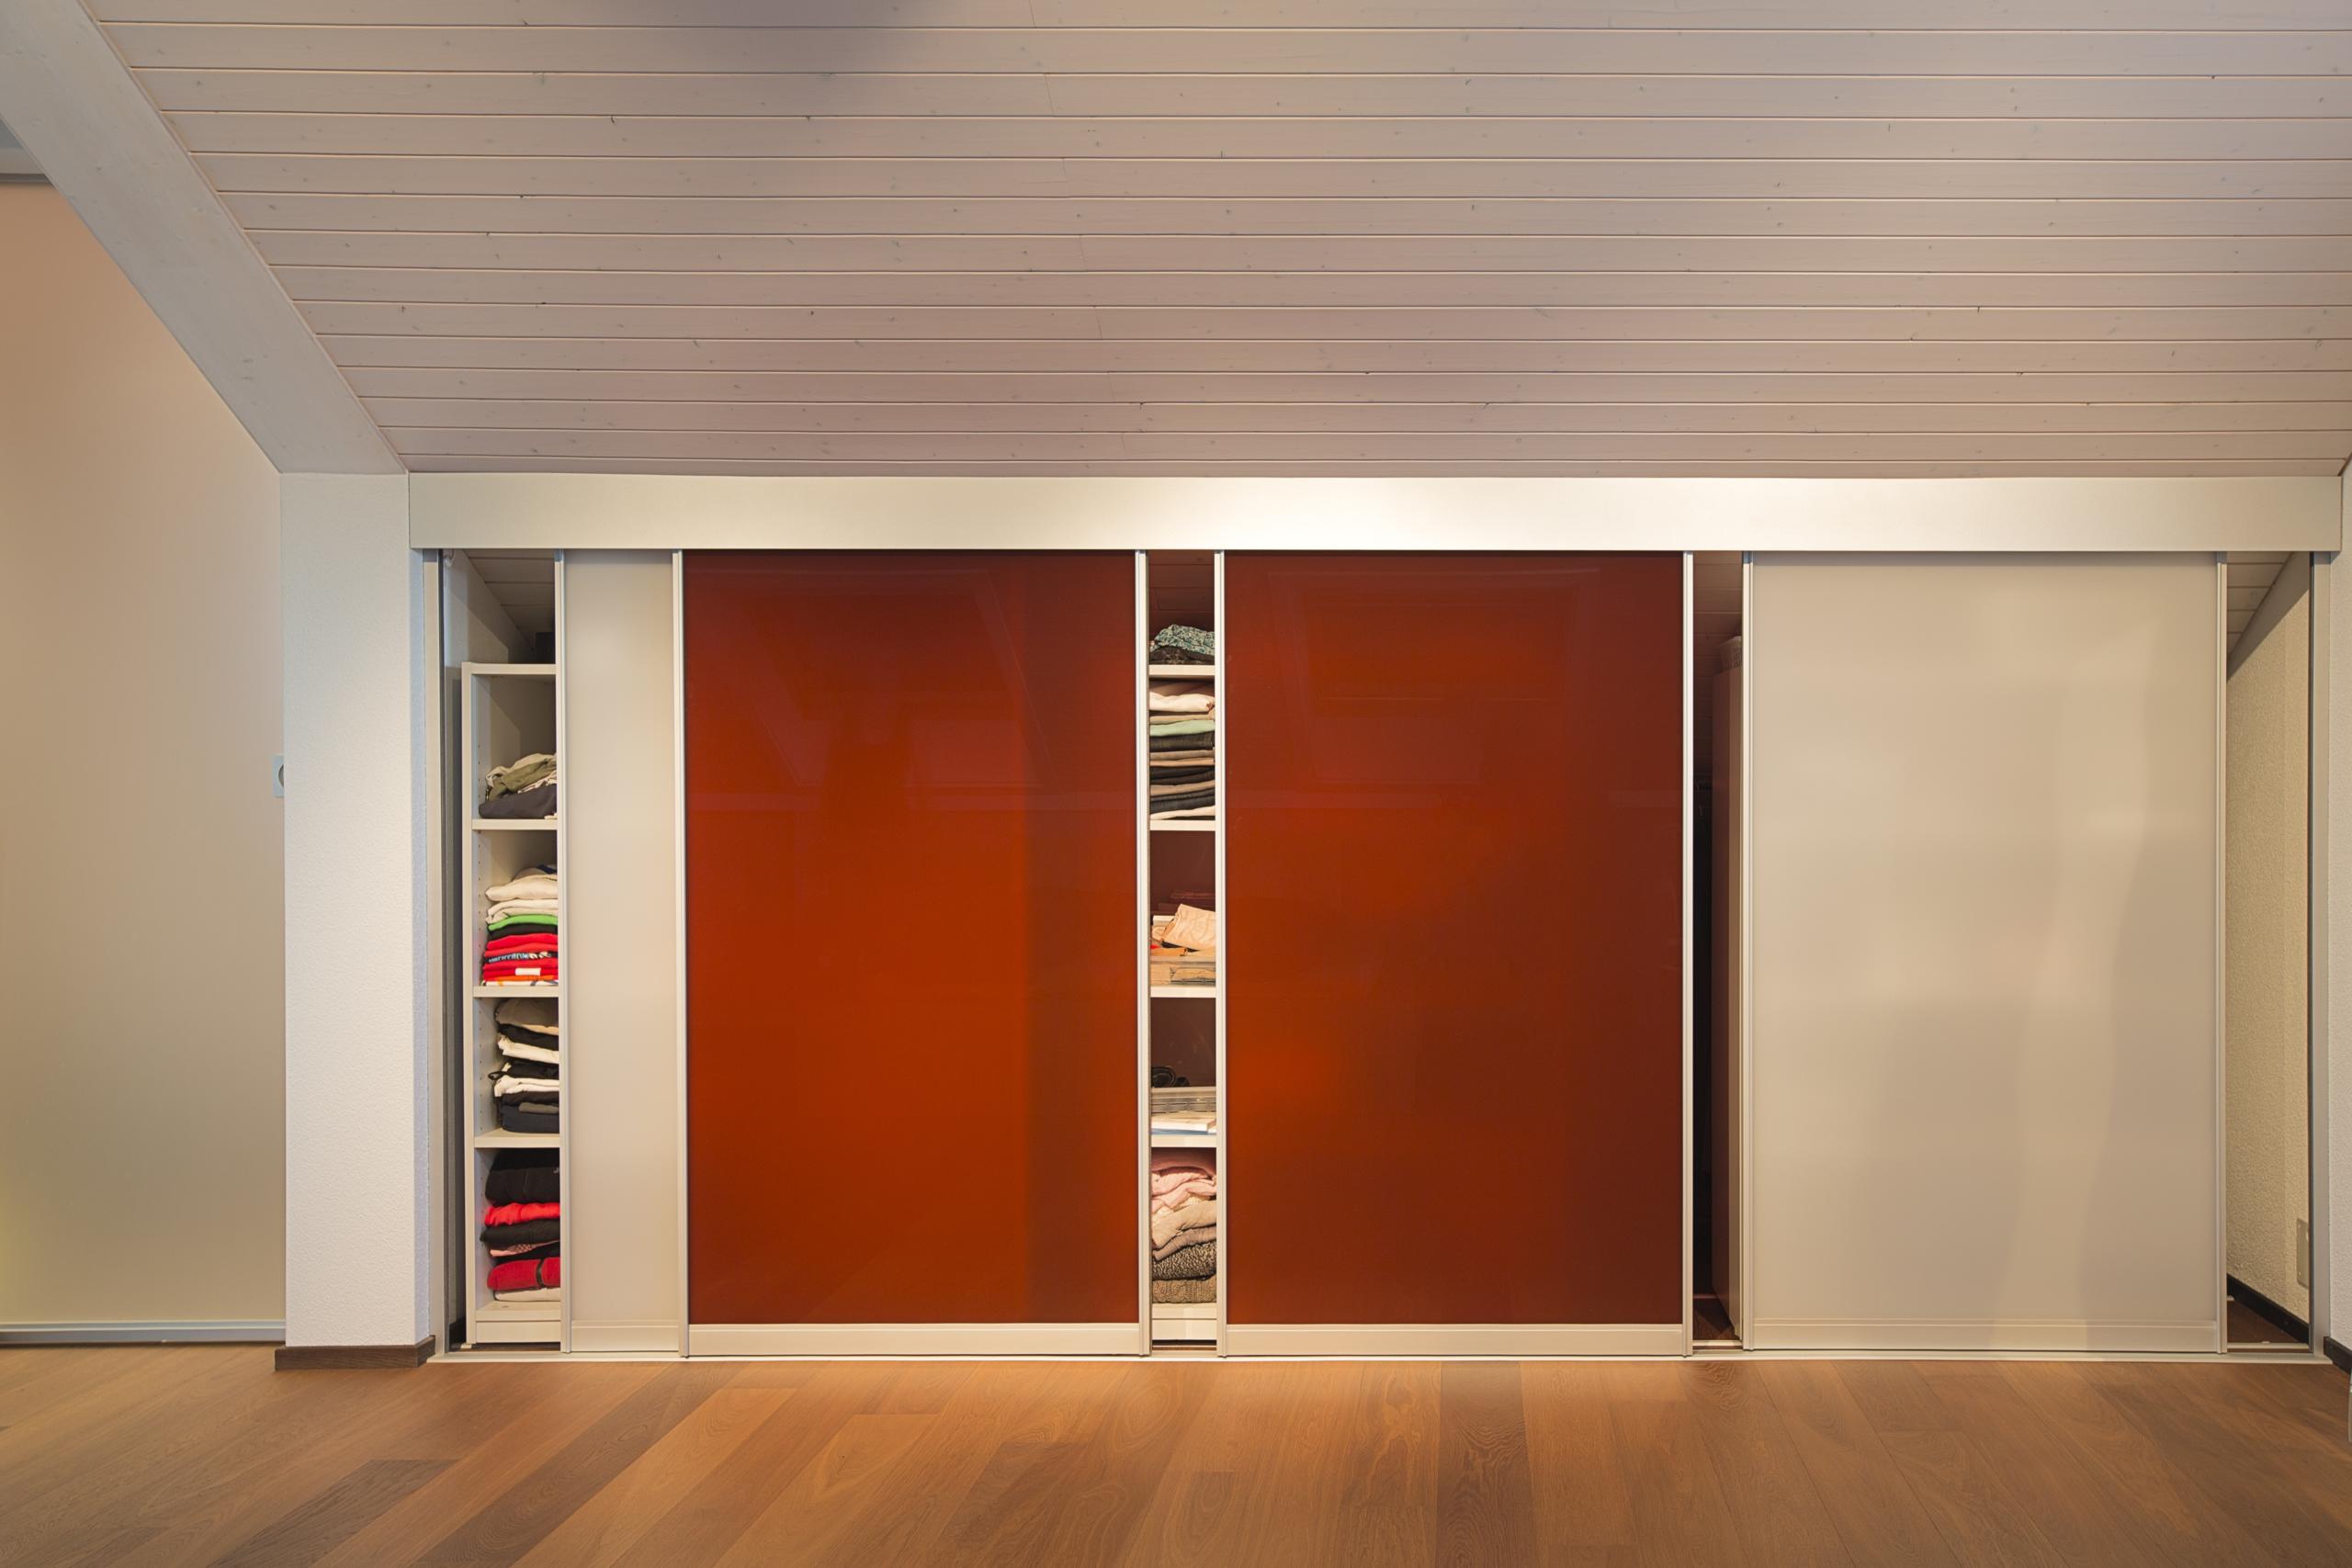 begehbarer kleiderschrank durch schiebeelemente in der dachschr ge auf zu. Black Bedroom Furniture Sets. Home Design Ideas